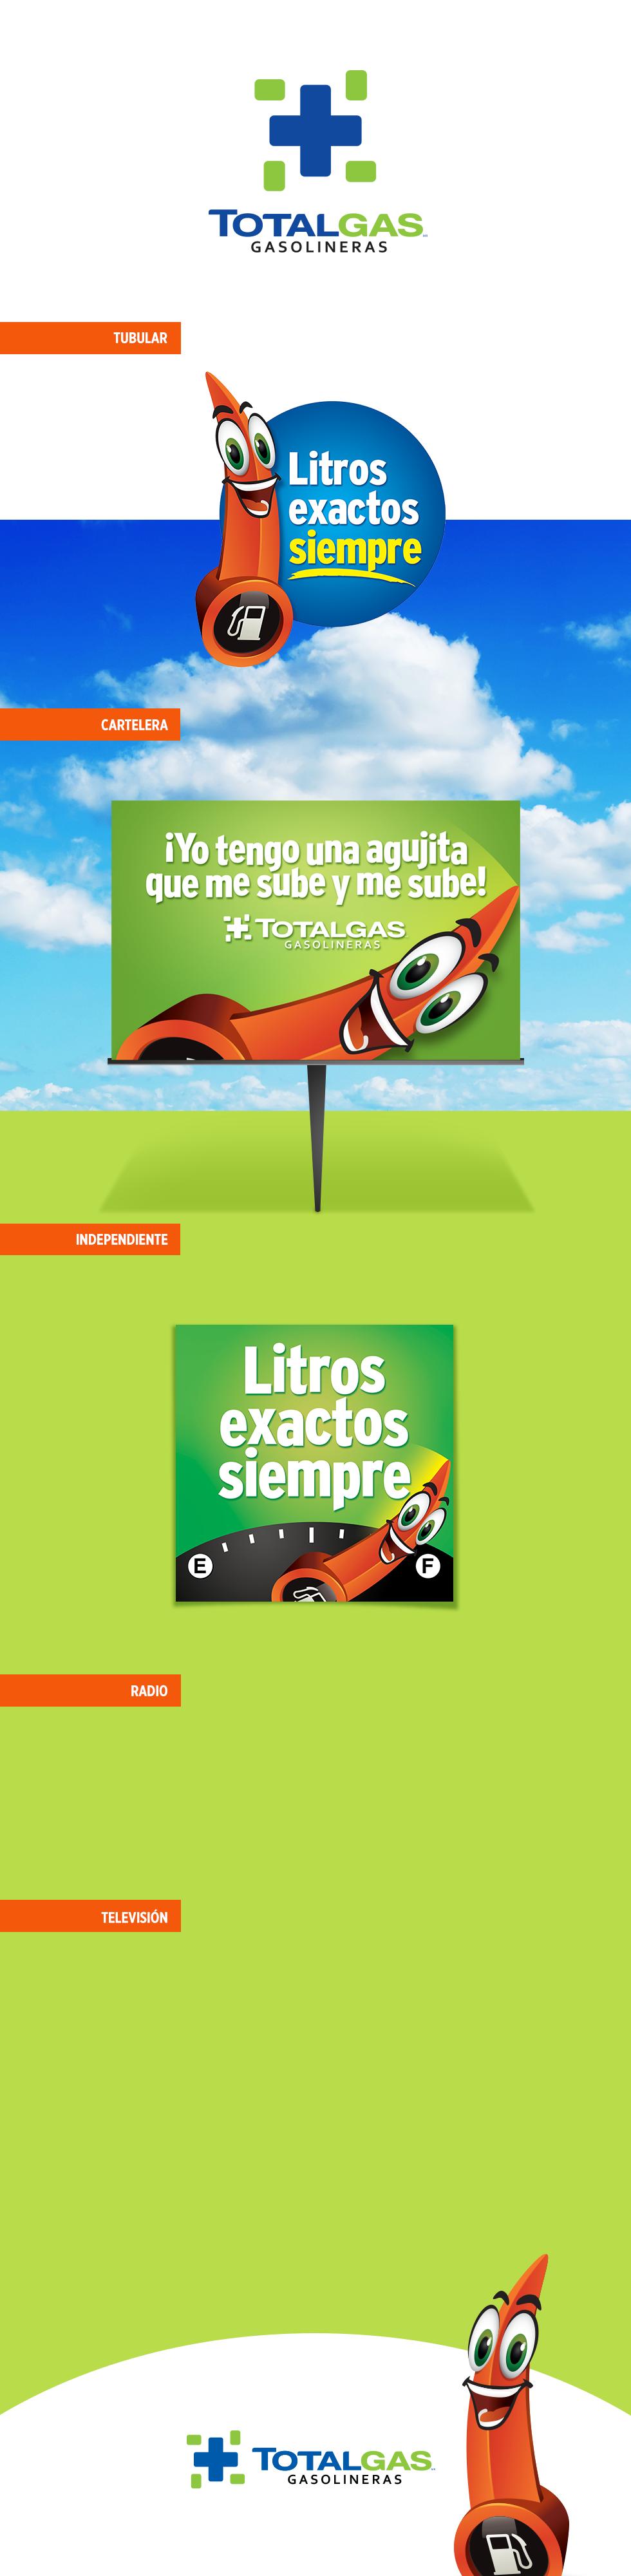 TotalGas Gasolineras